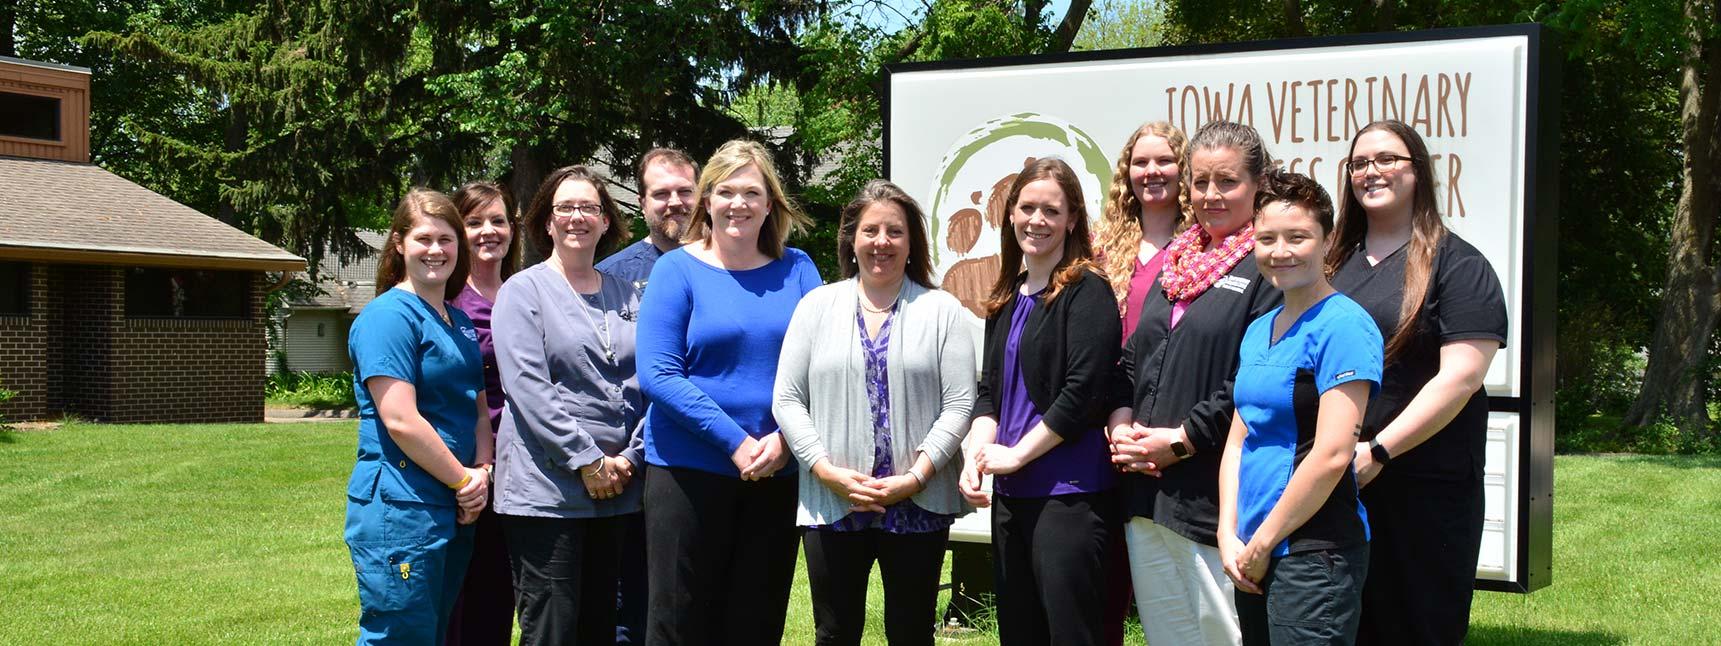 Iowa's Top Rated Local® Veterinarians Award Winner: Iowa Veterinary Wellness Center